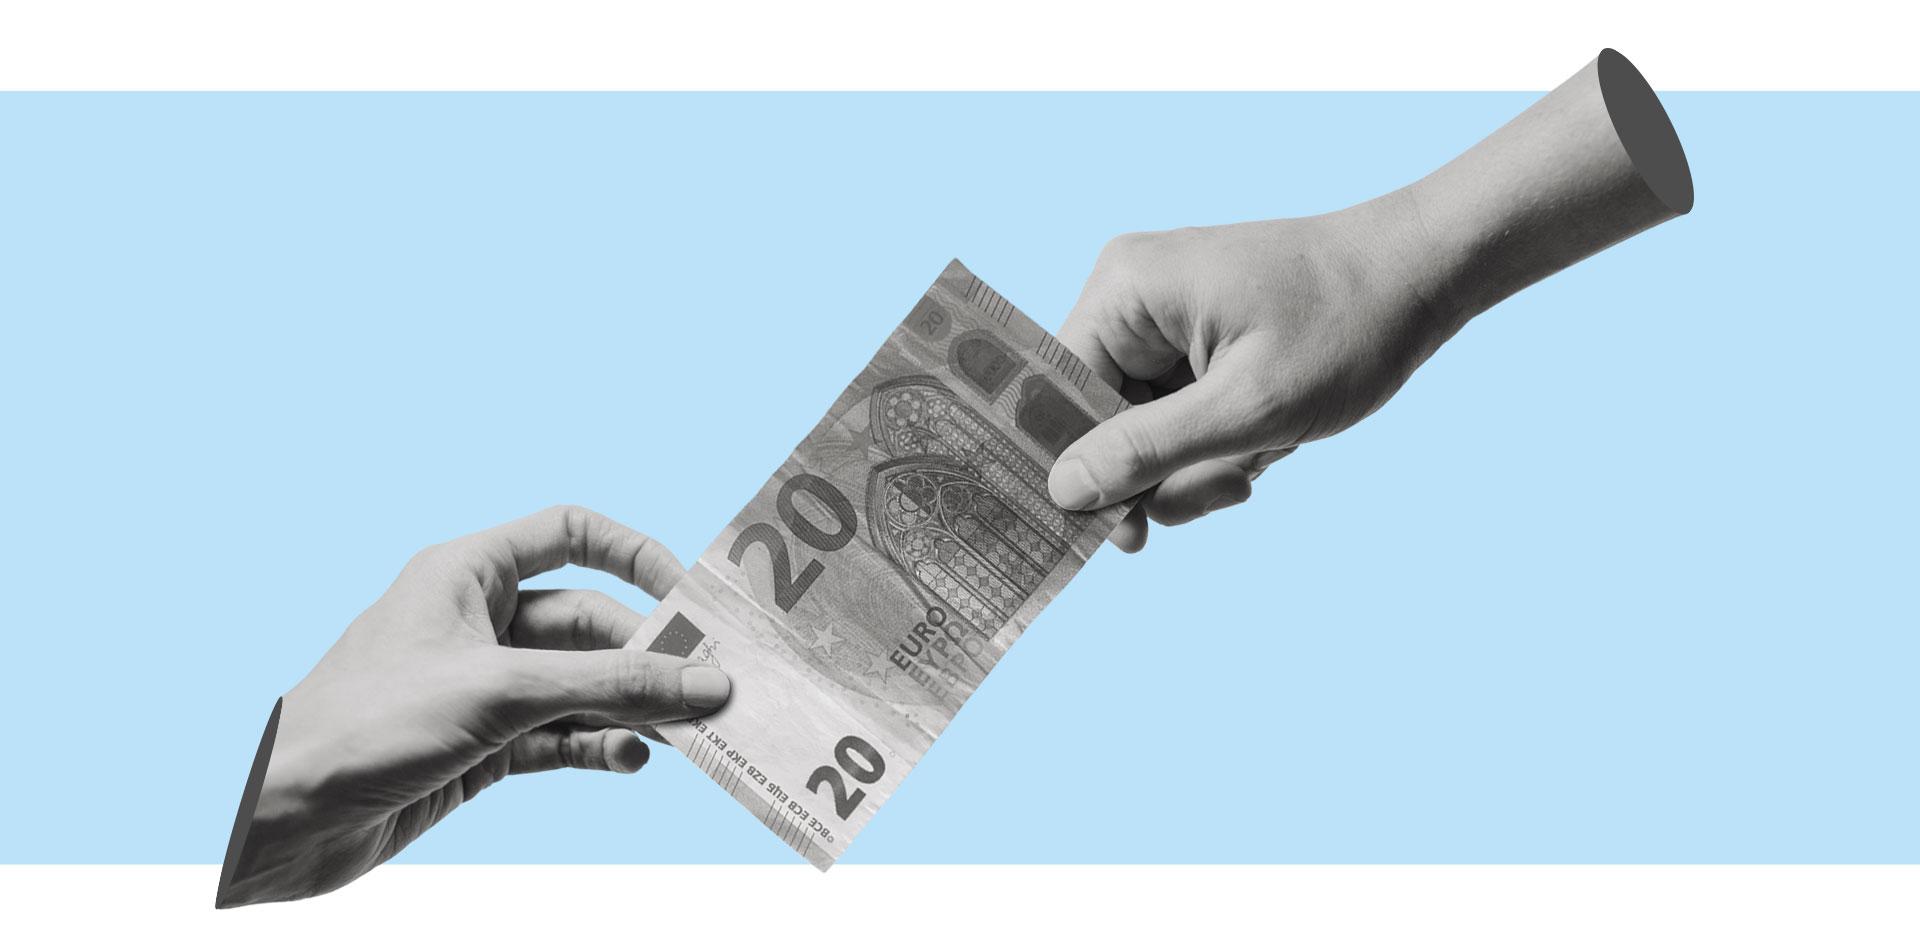 und co sparkasse money change franken euro